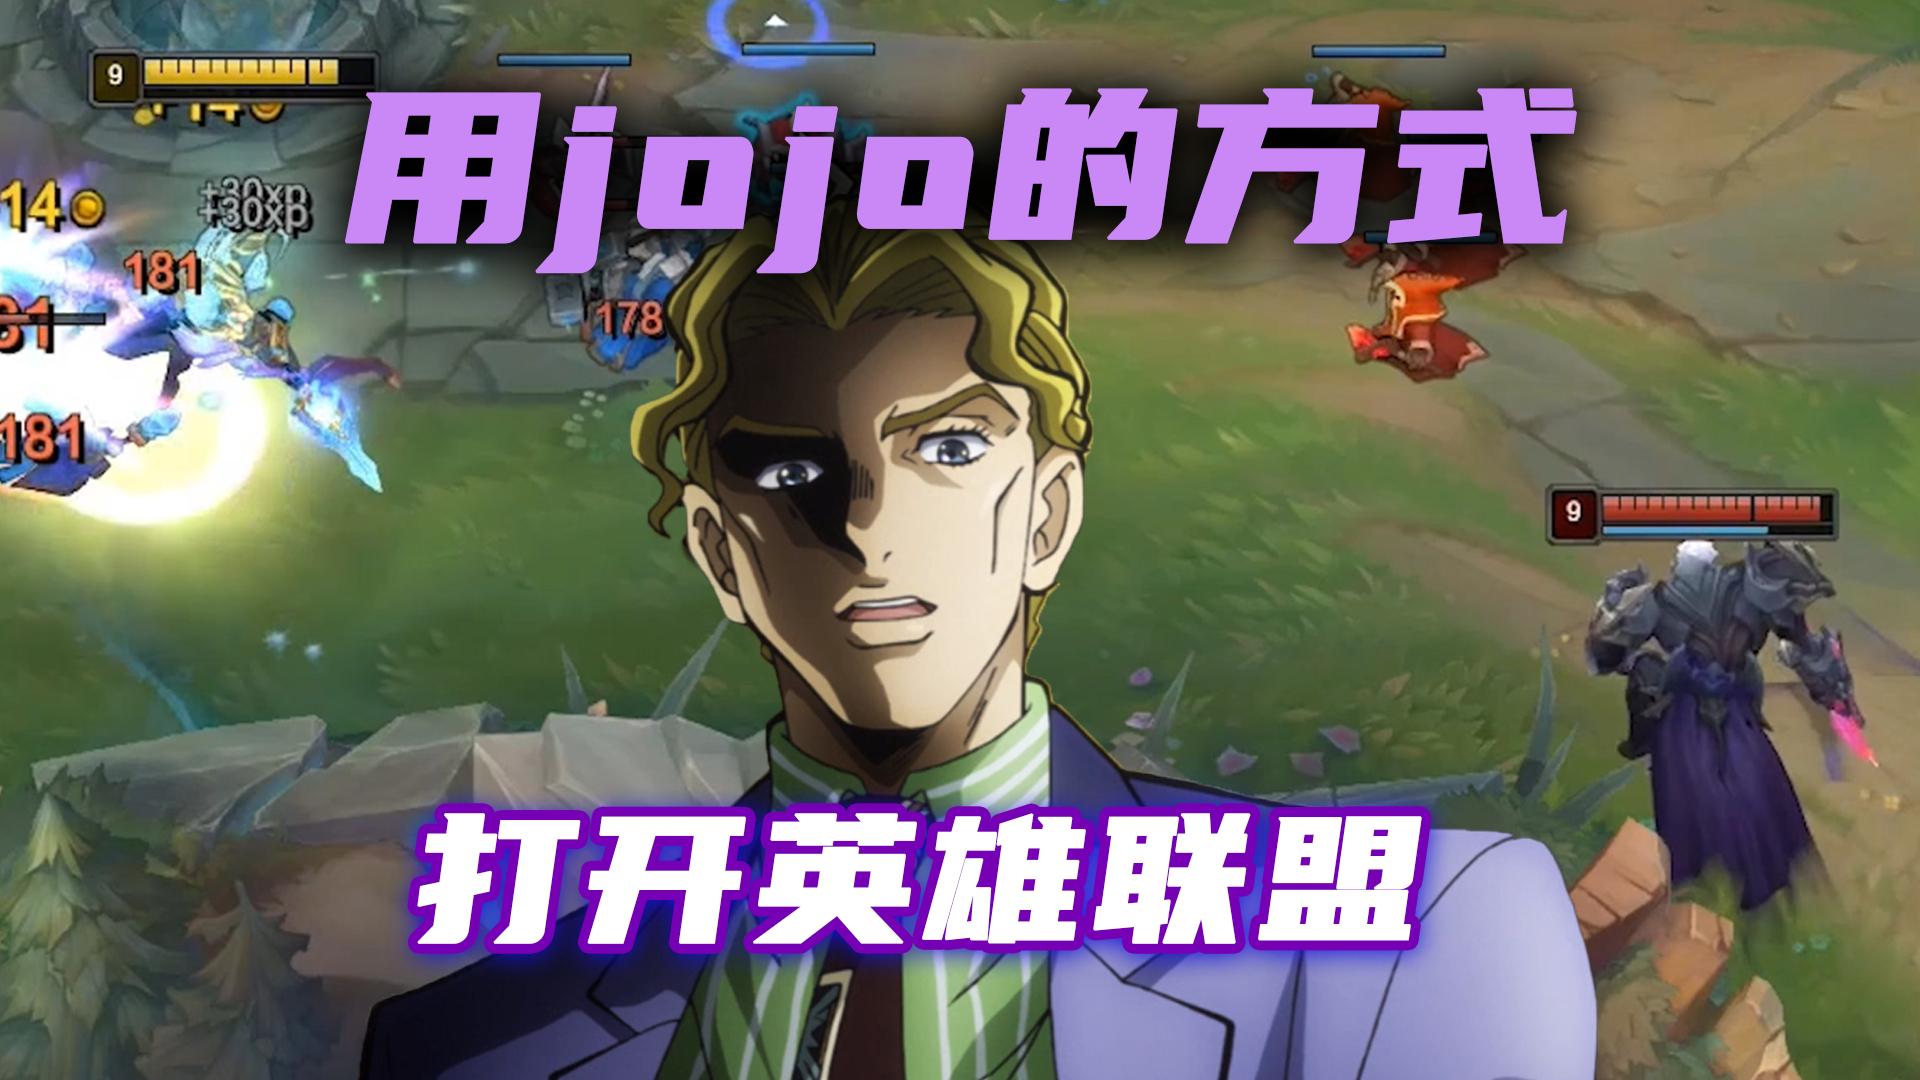 用JOJO的方式玩英雄联盟,当吉良吉影玩锐雯上单并被对面疯狂越塔